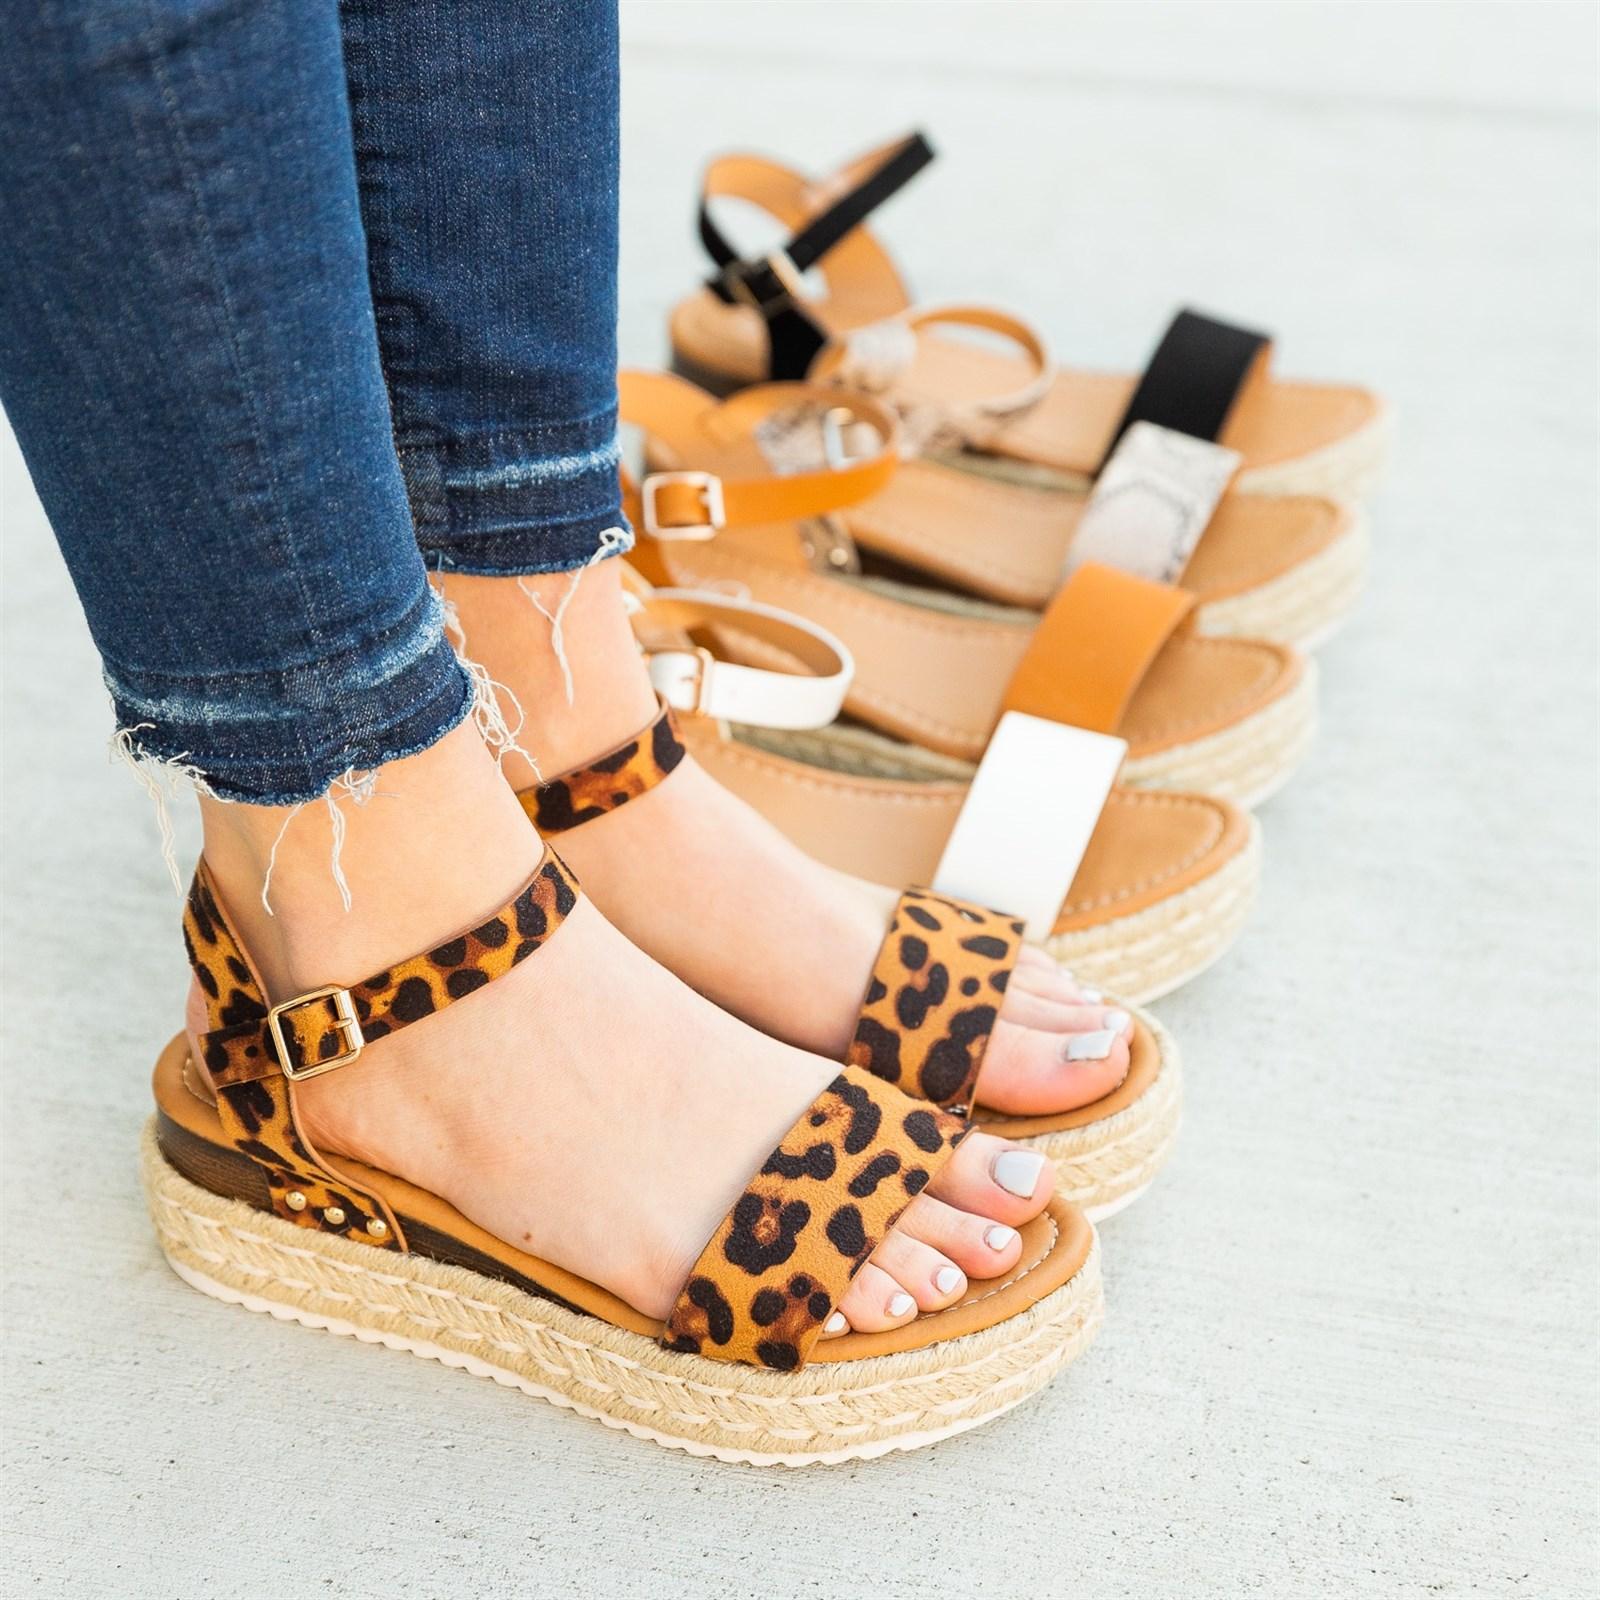 Chic Espadrille Platform Sandals